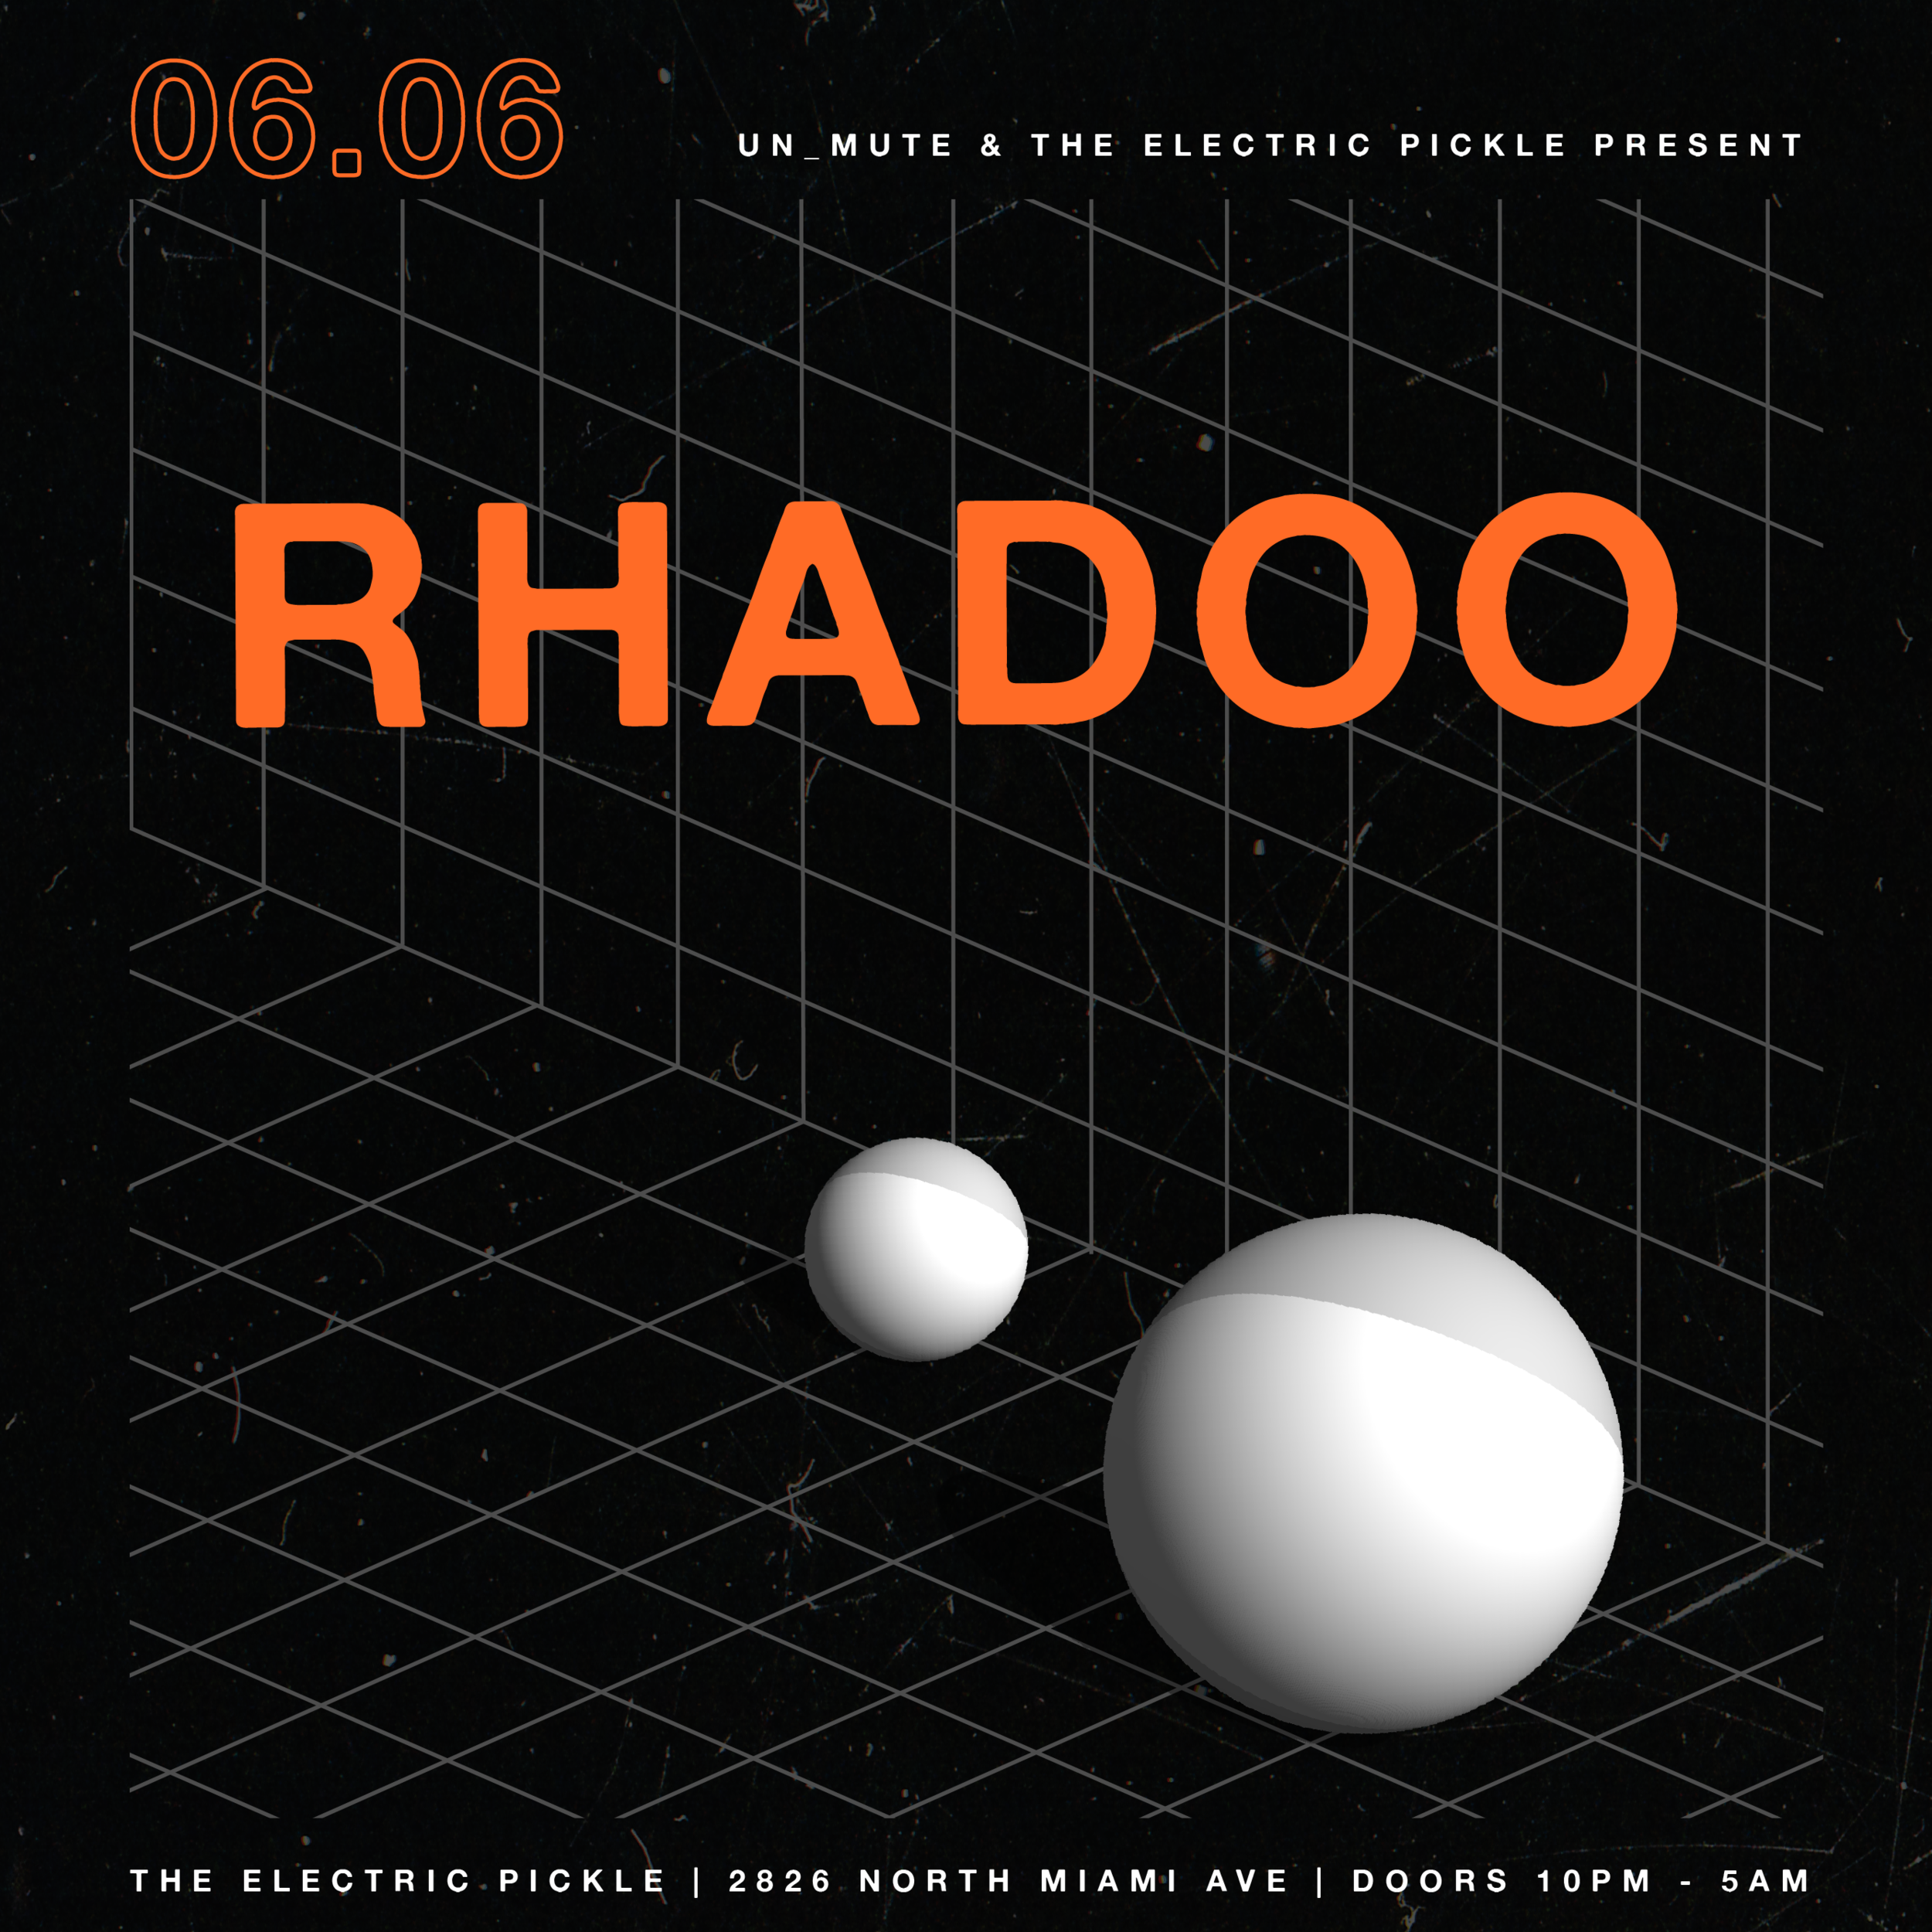 Rhadoo-01.png